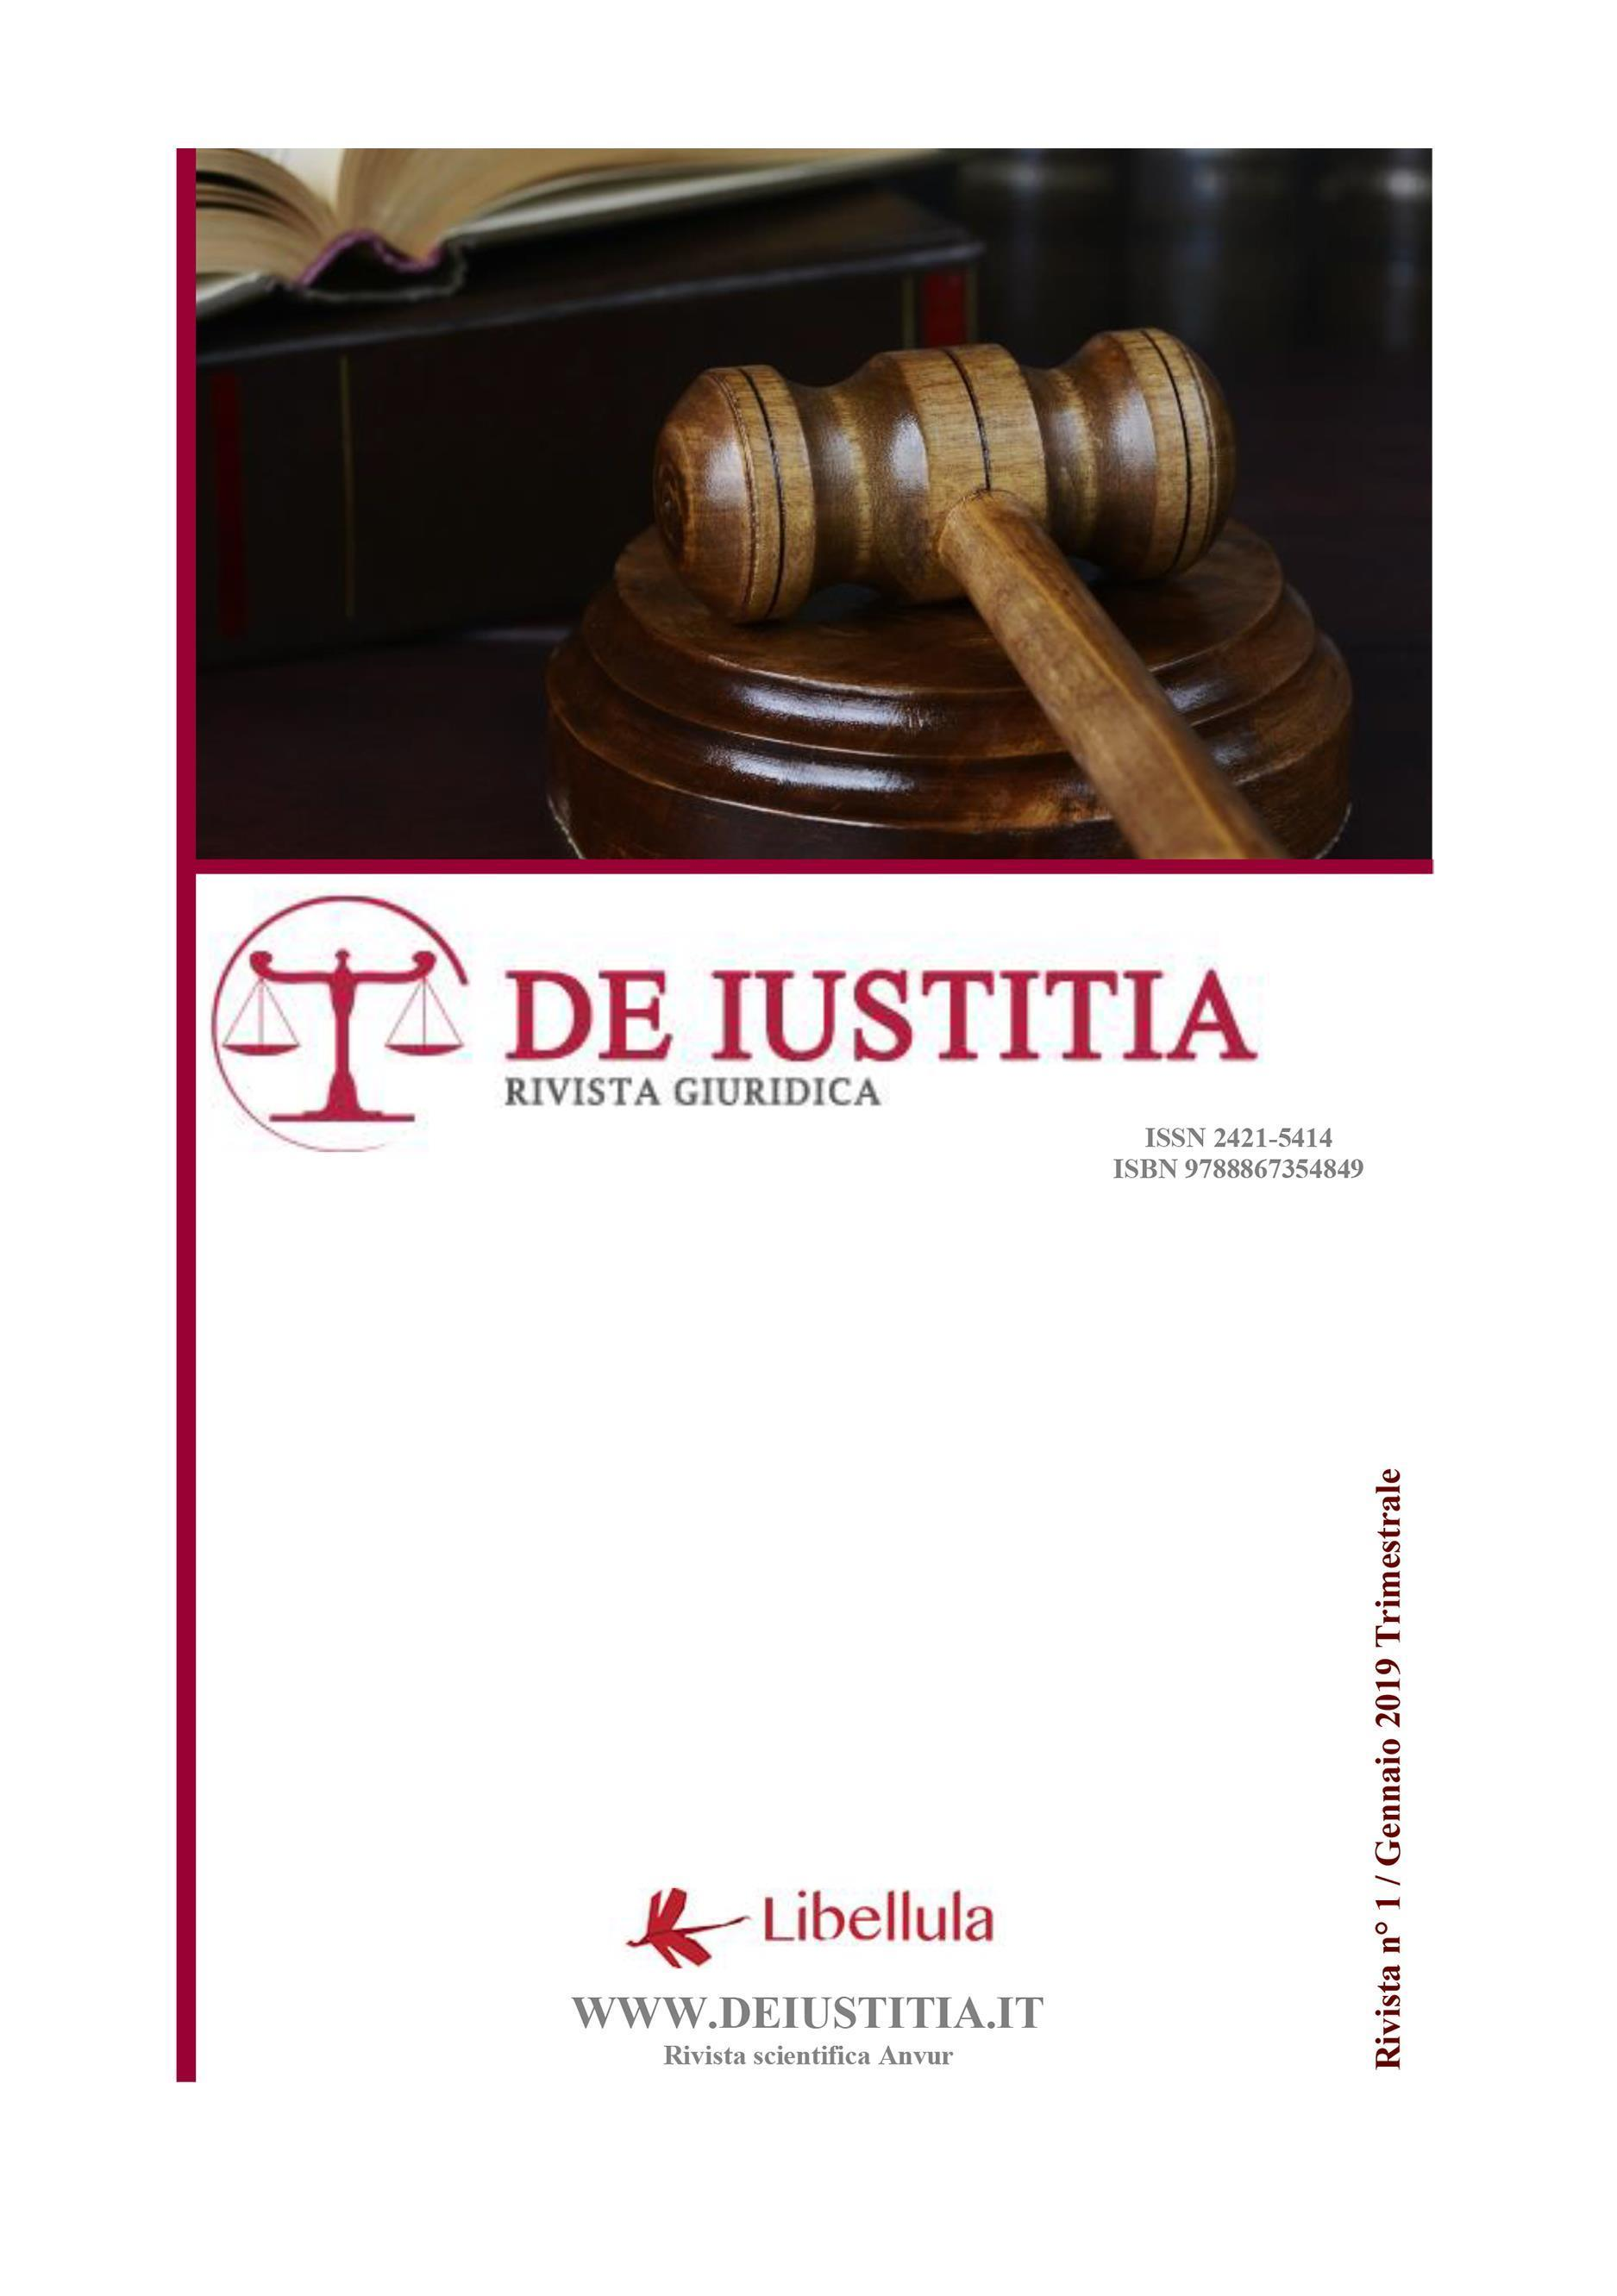 De Iustitia - Rivista di informazione giuridica - N. 1 Gennaio 2019